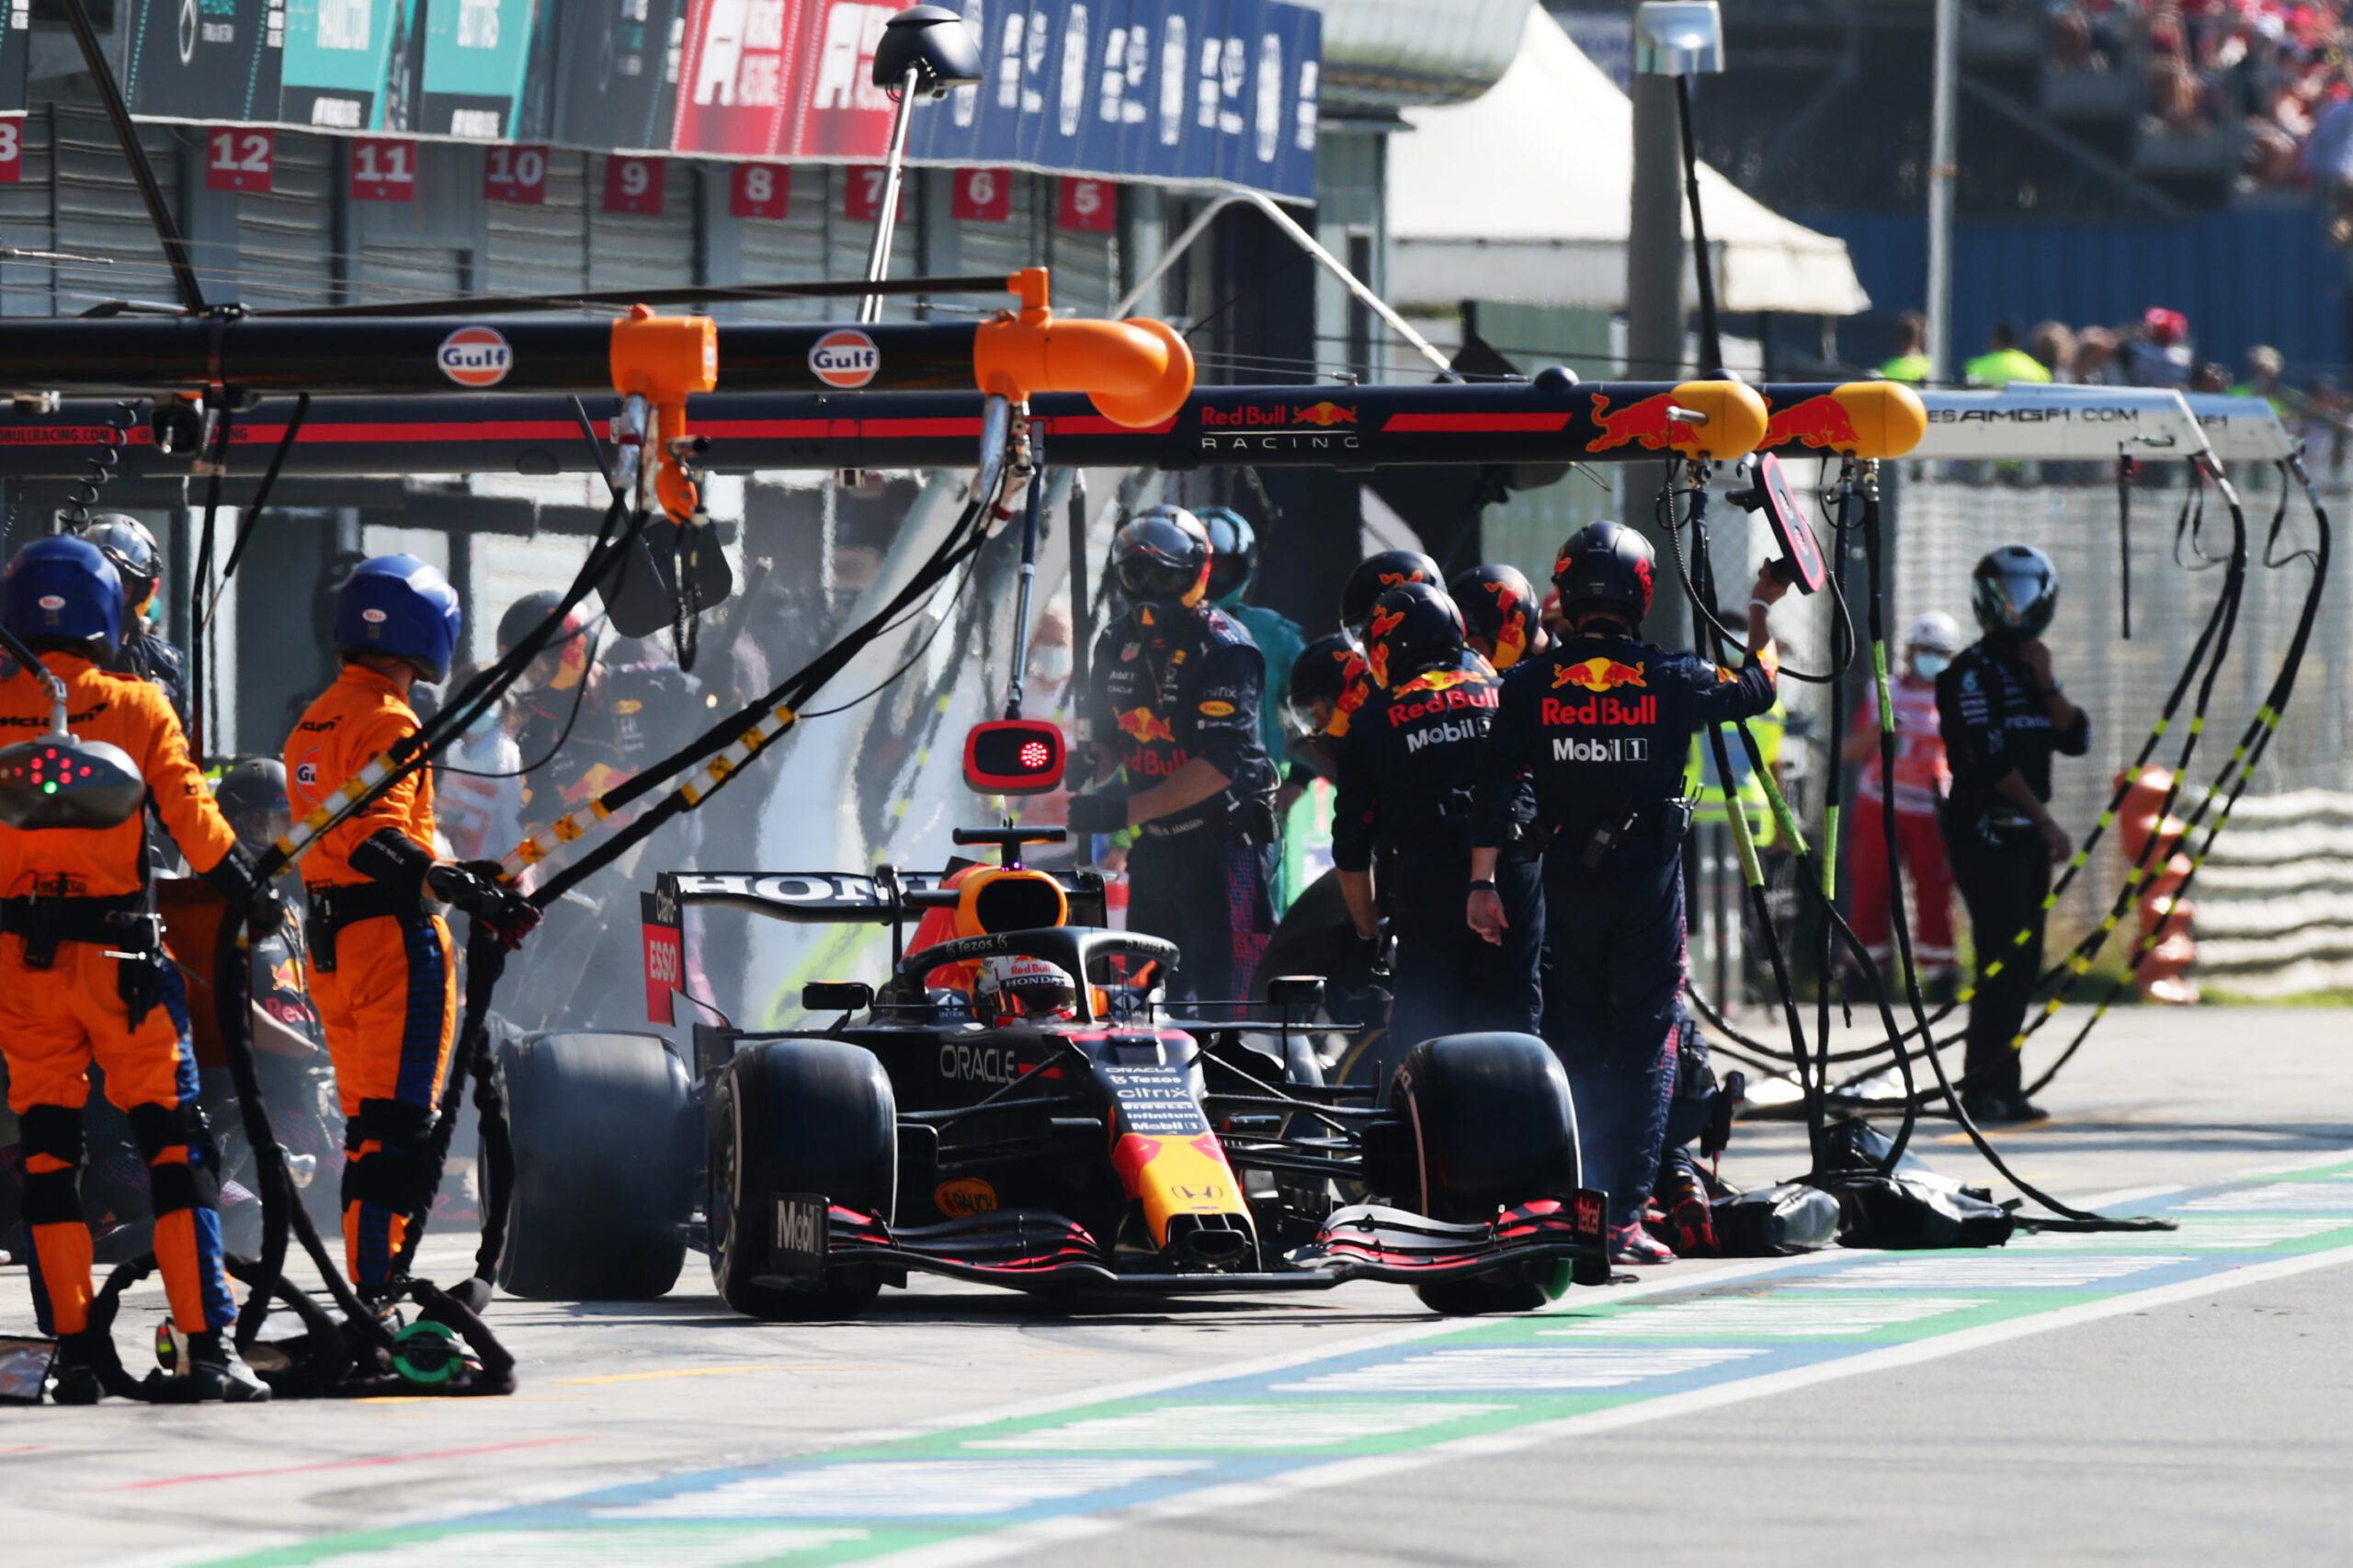 F1 - Red Bull confirme que l'arrêt au stand raté à Monza résulte de la directive de la FIA